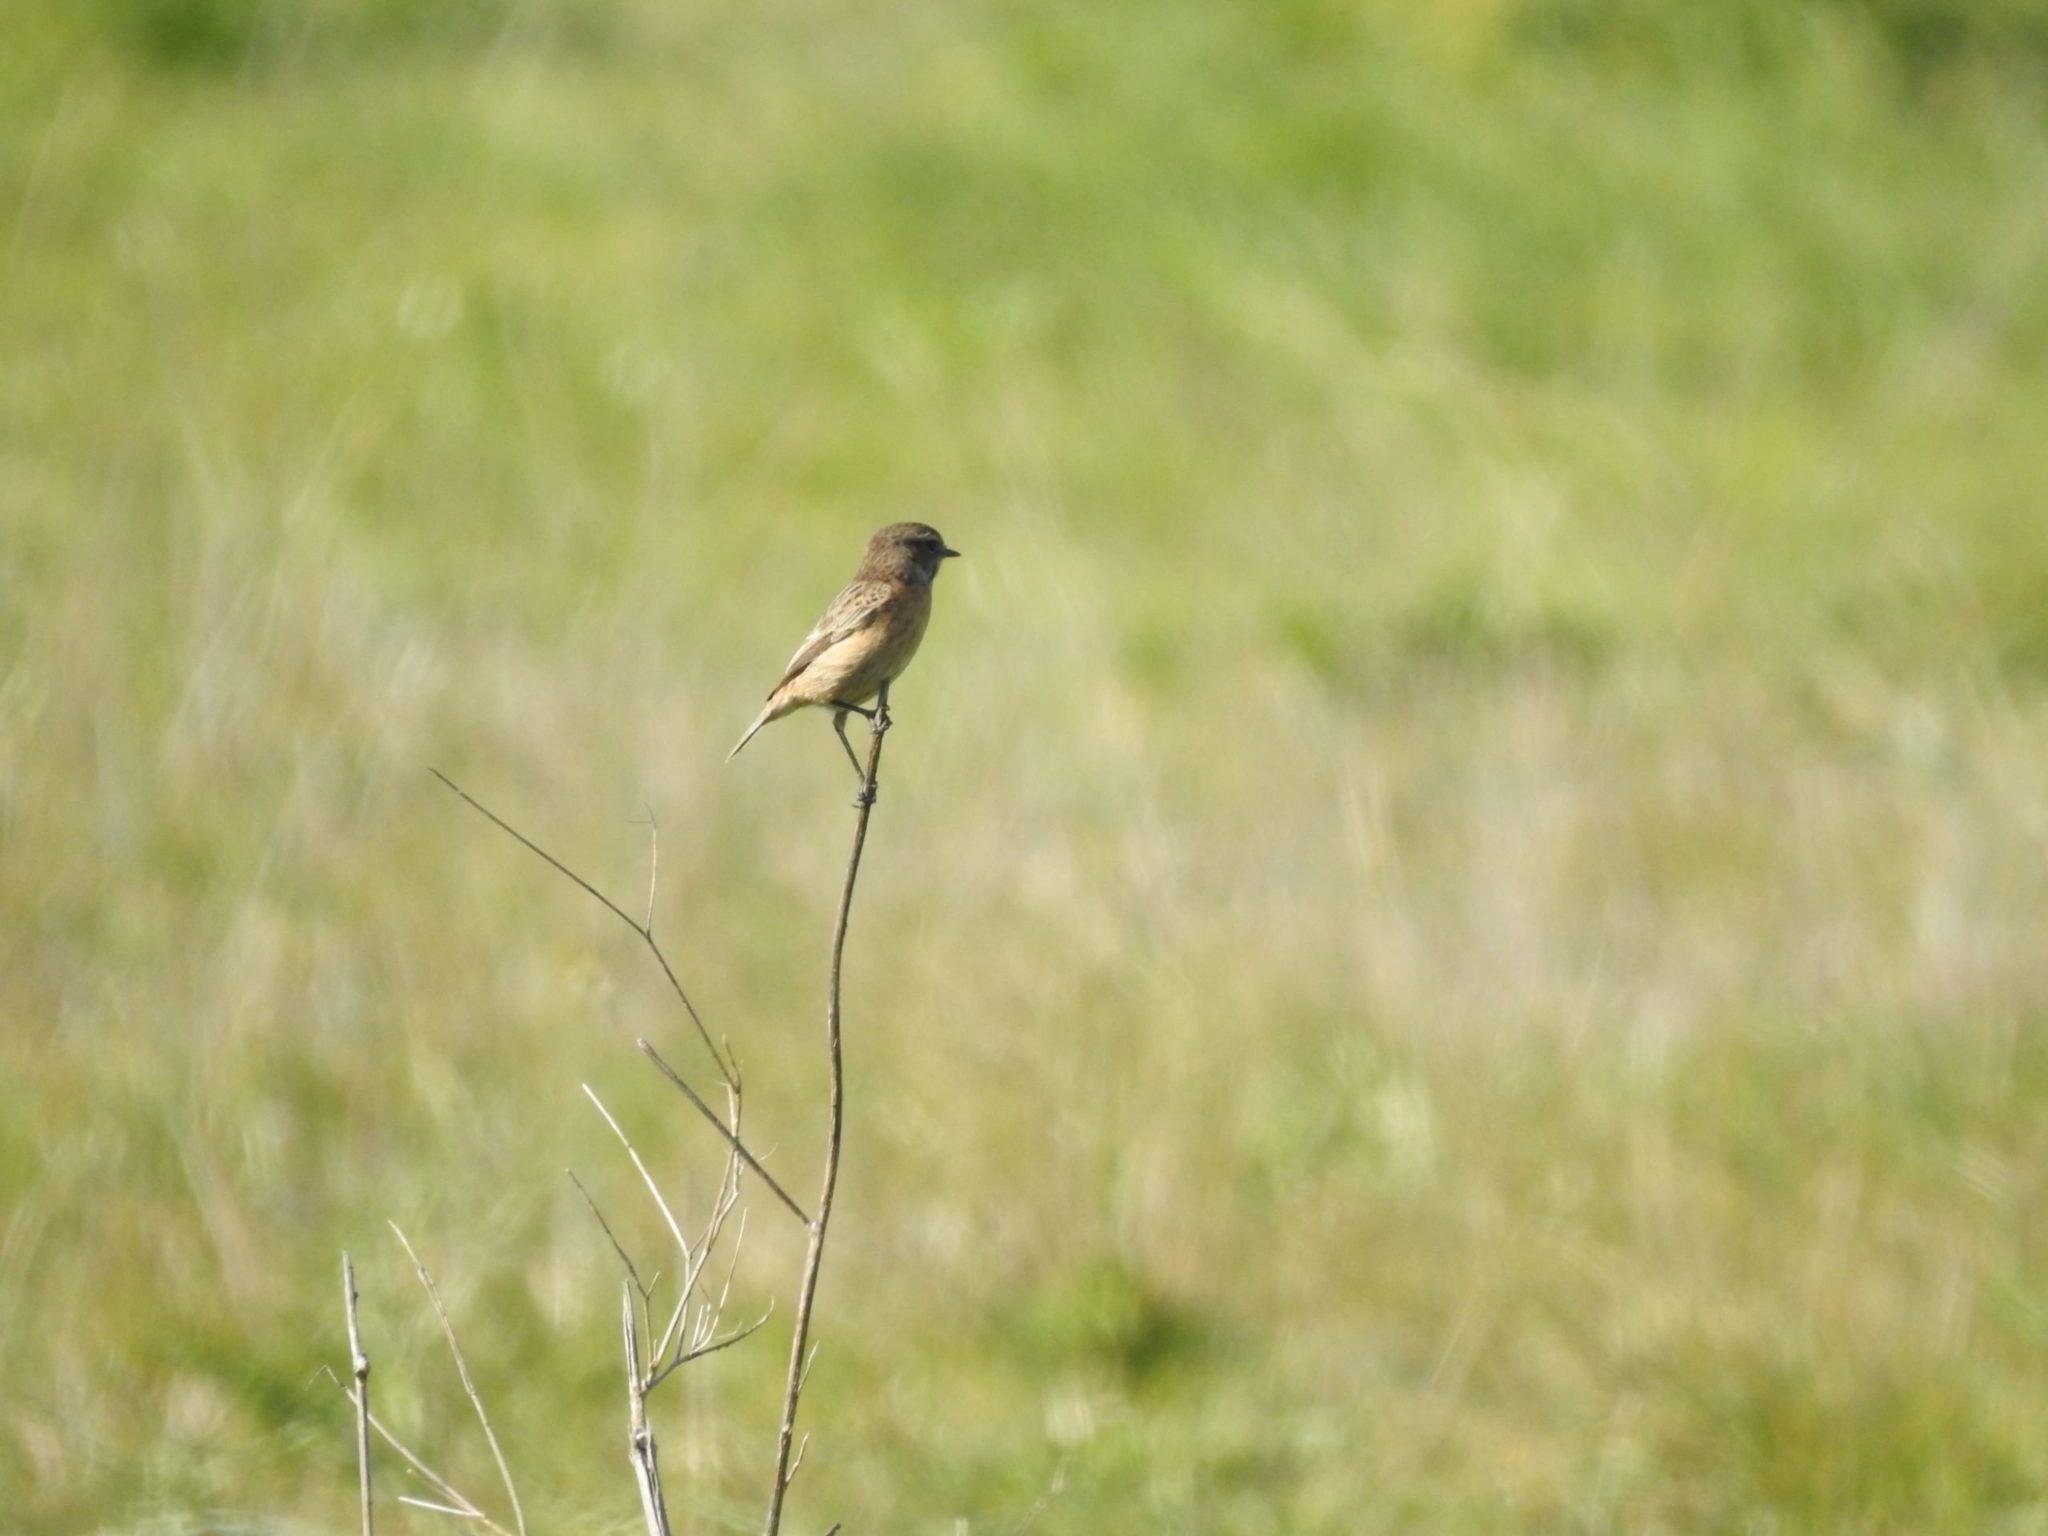 evoluir oeiras - passarinho em prado